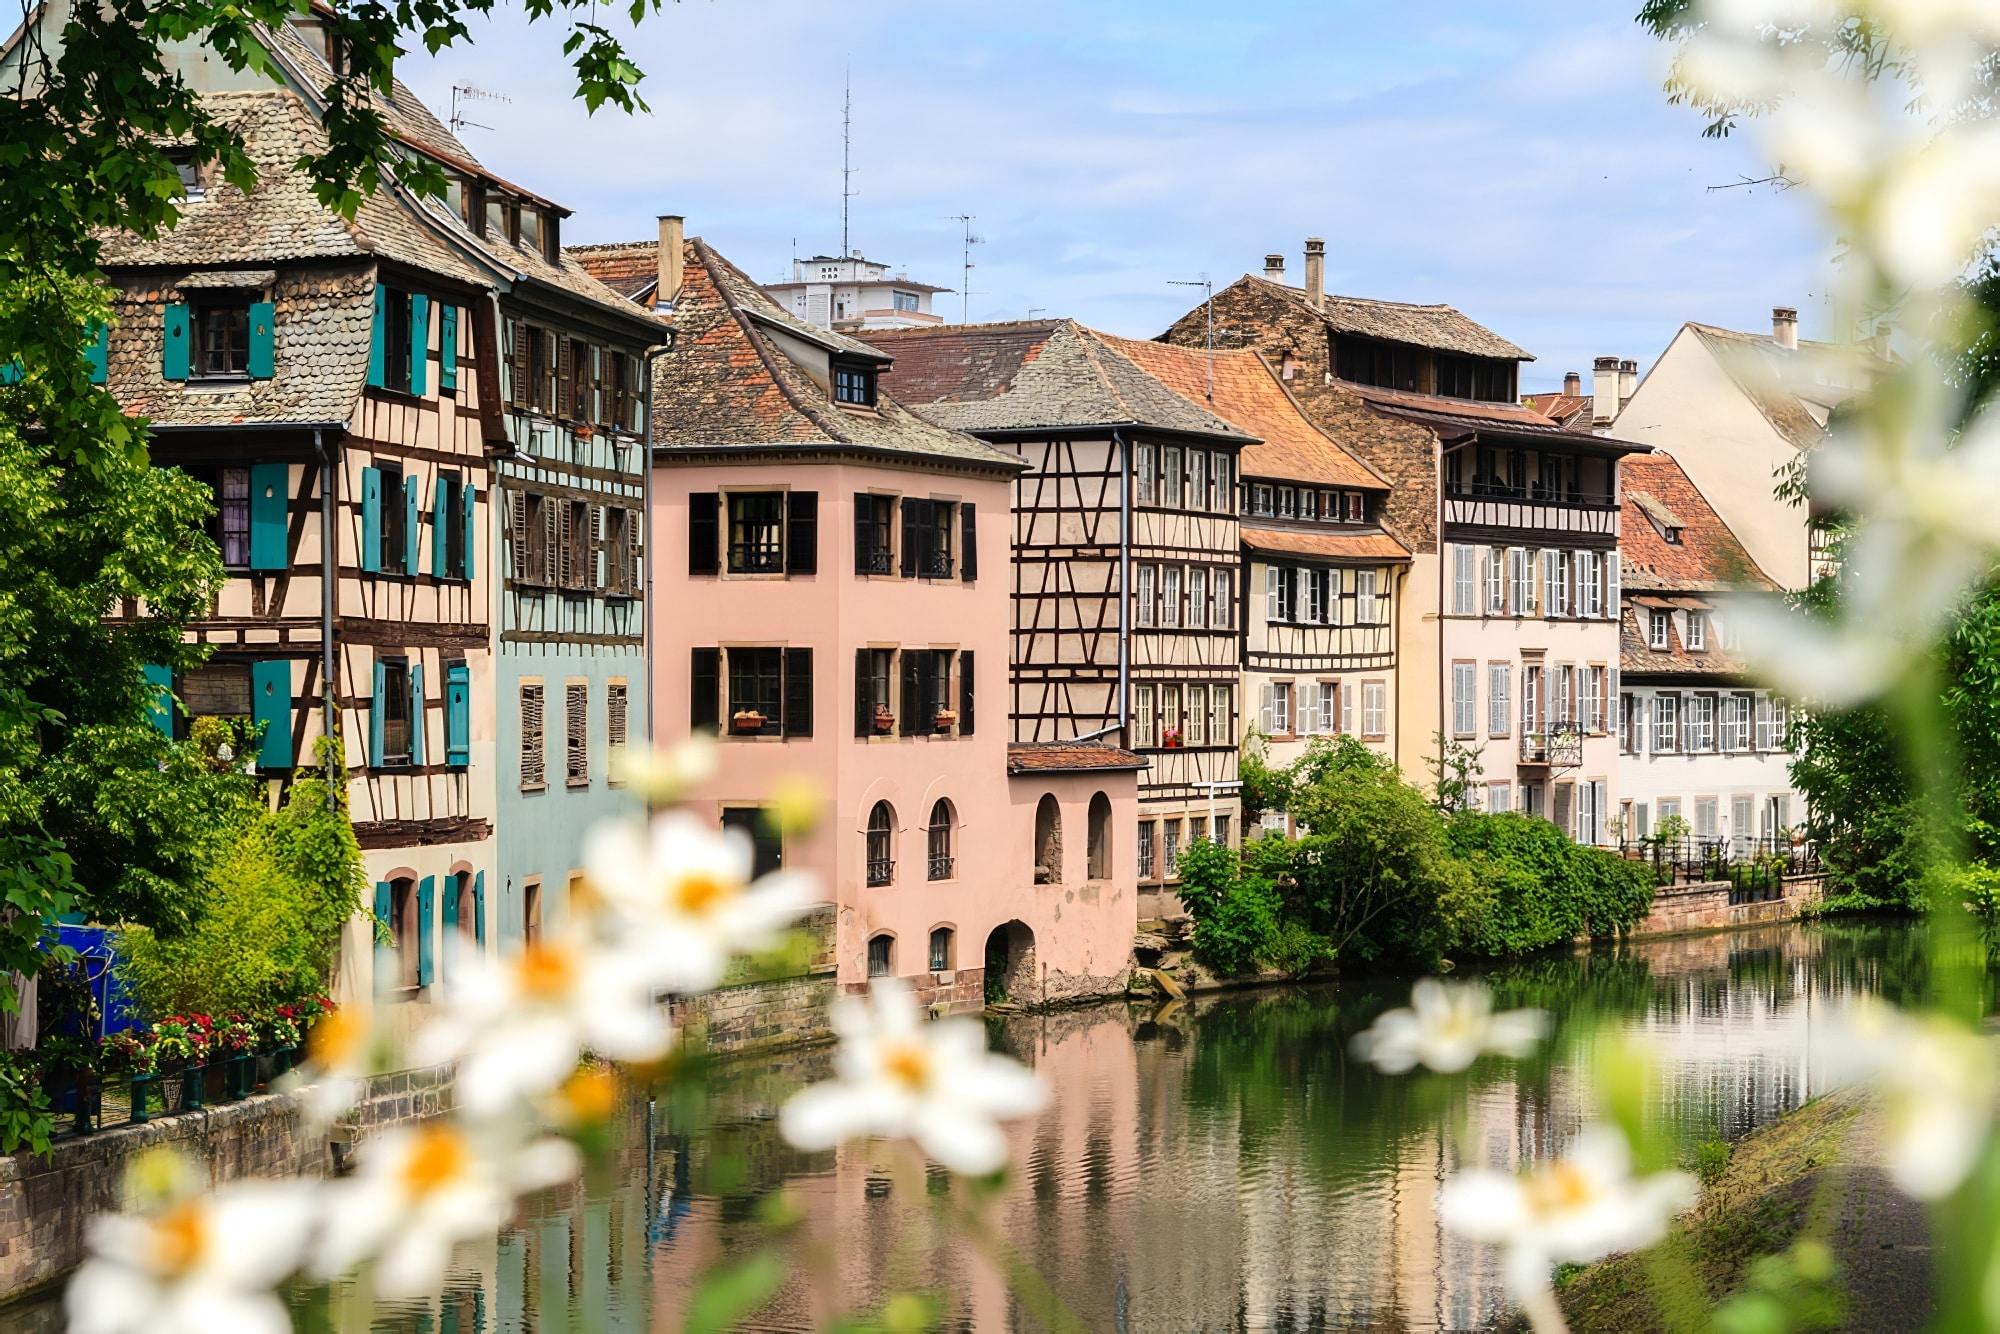 Comment et où louer un camping car autour de Strasbourg ?